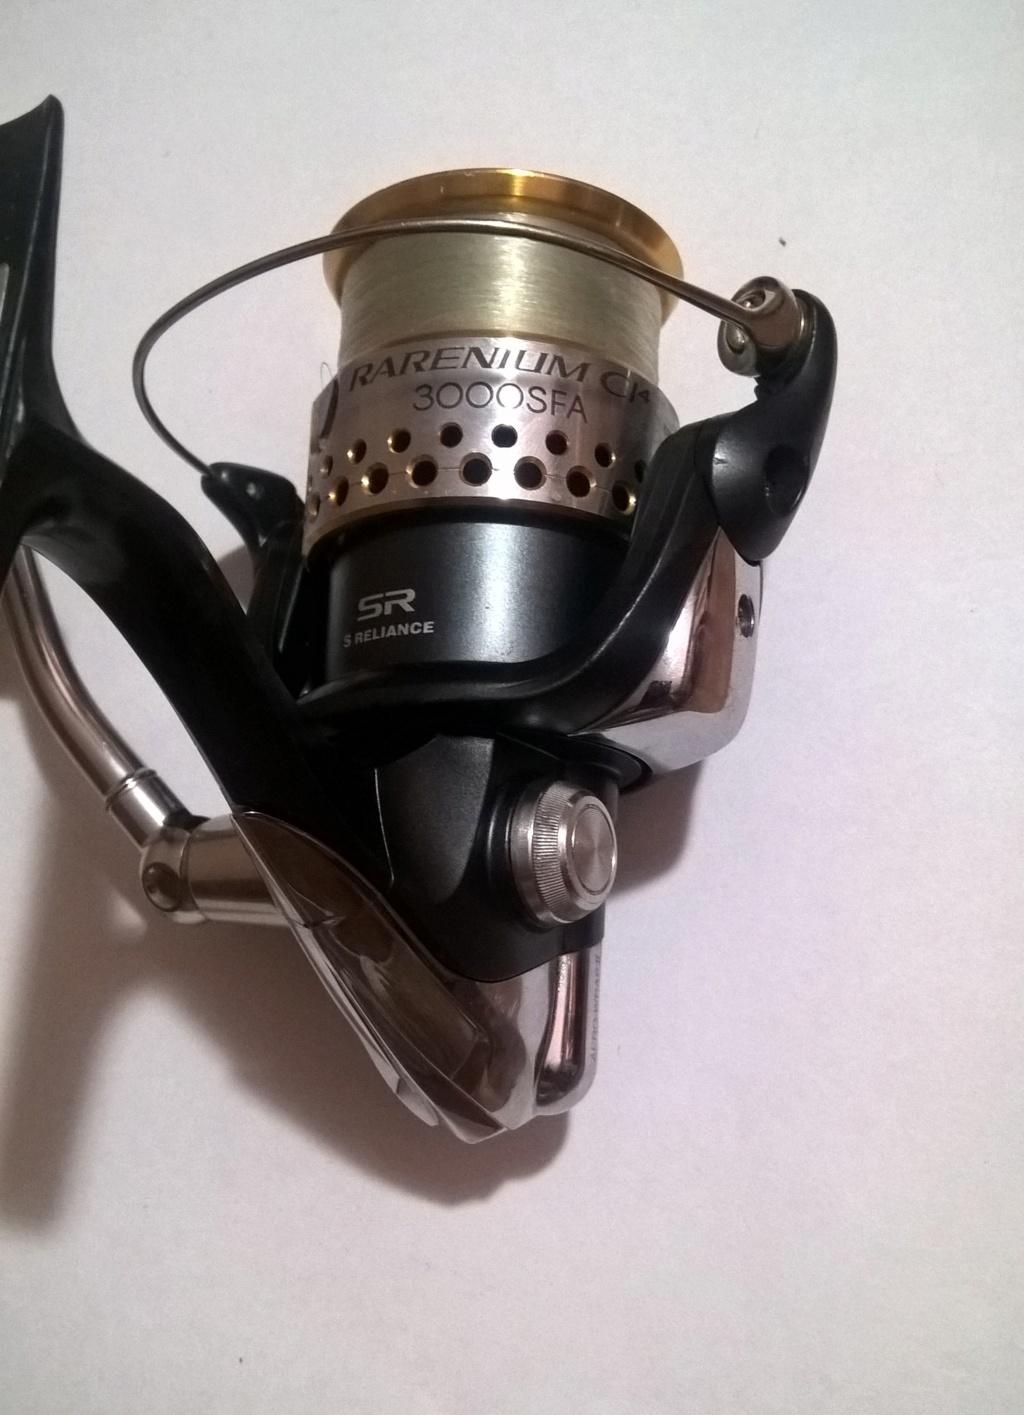 [Vendo][Usato e per pezzi di ricambio] Shimano Rarenium 3000fa Wp_20117